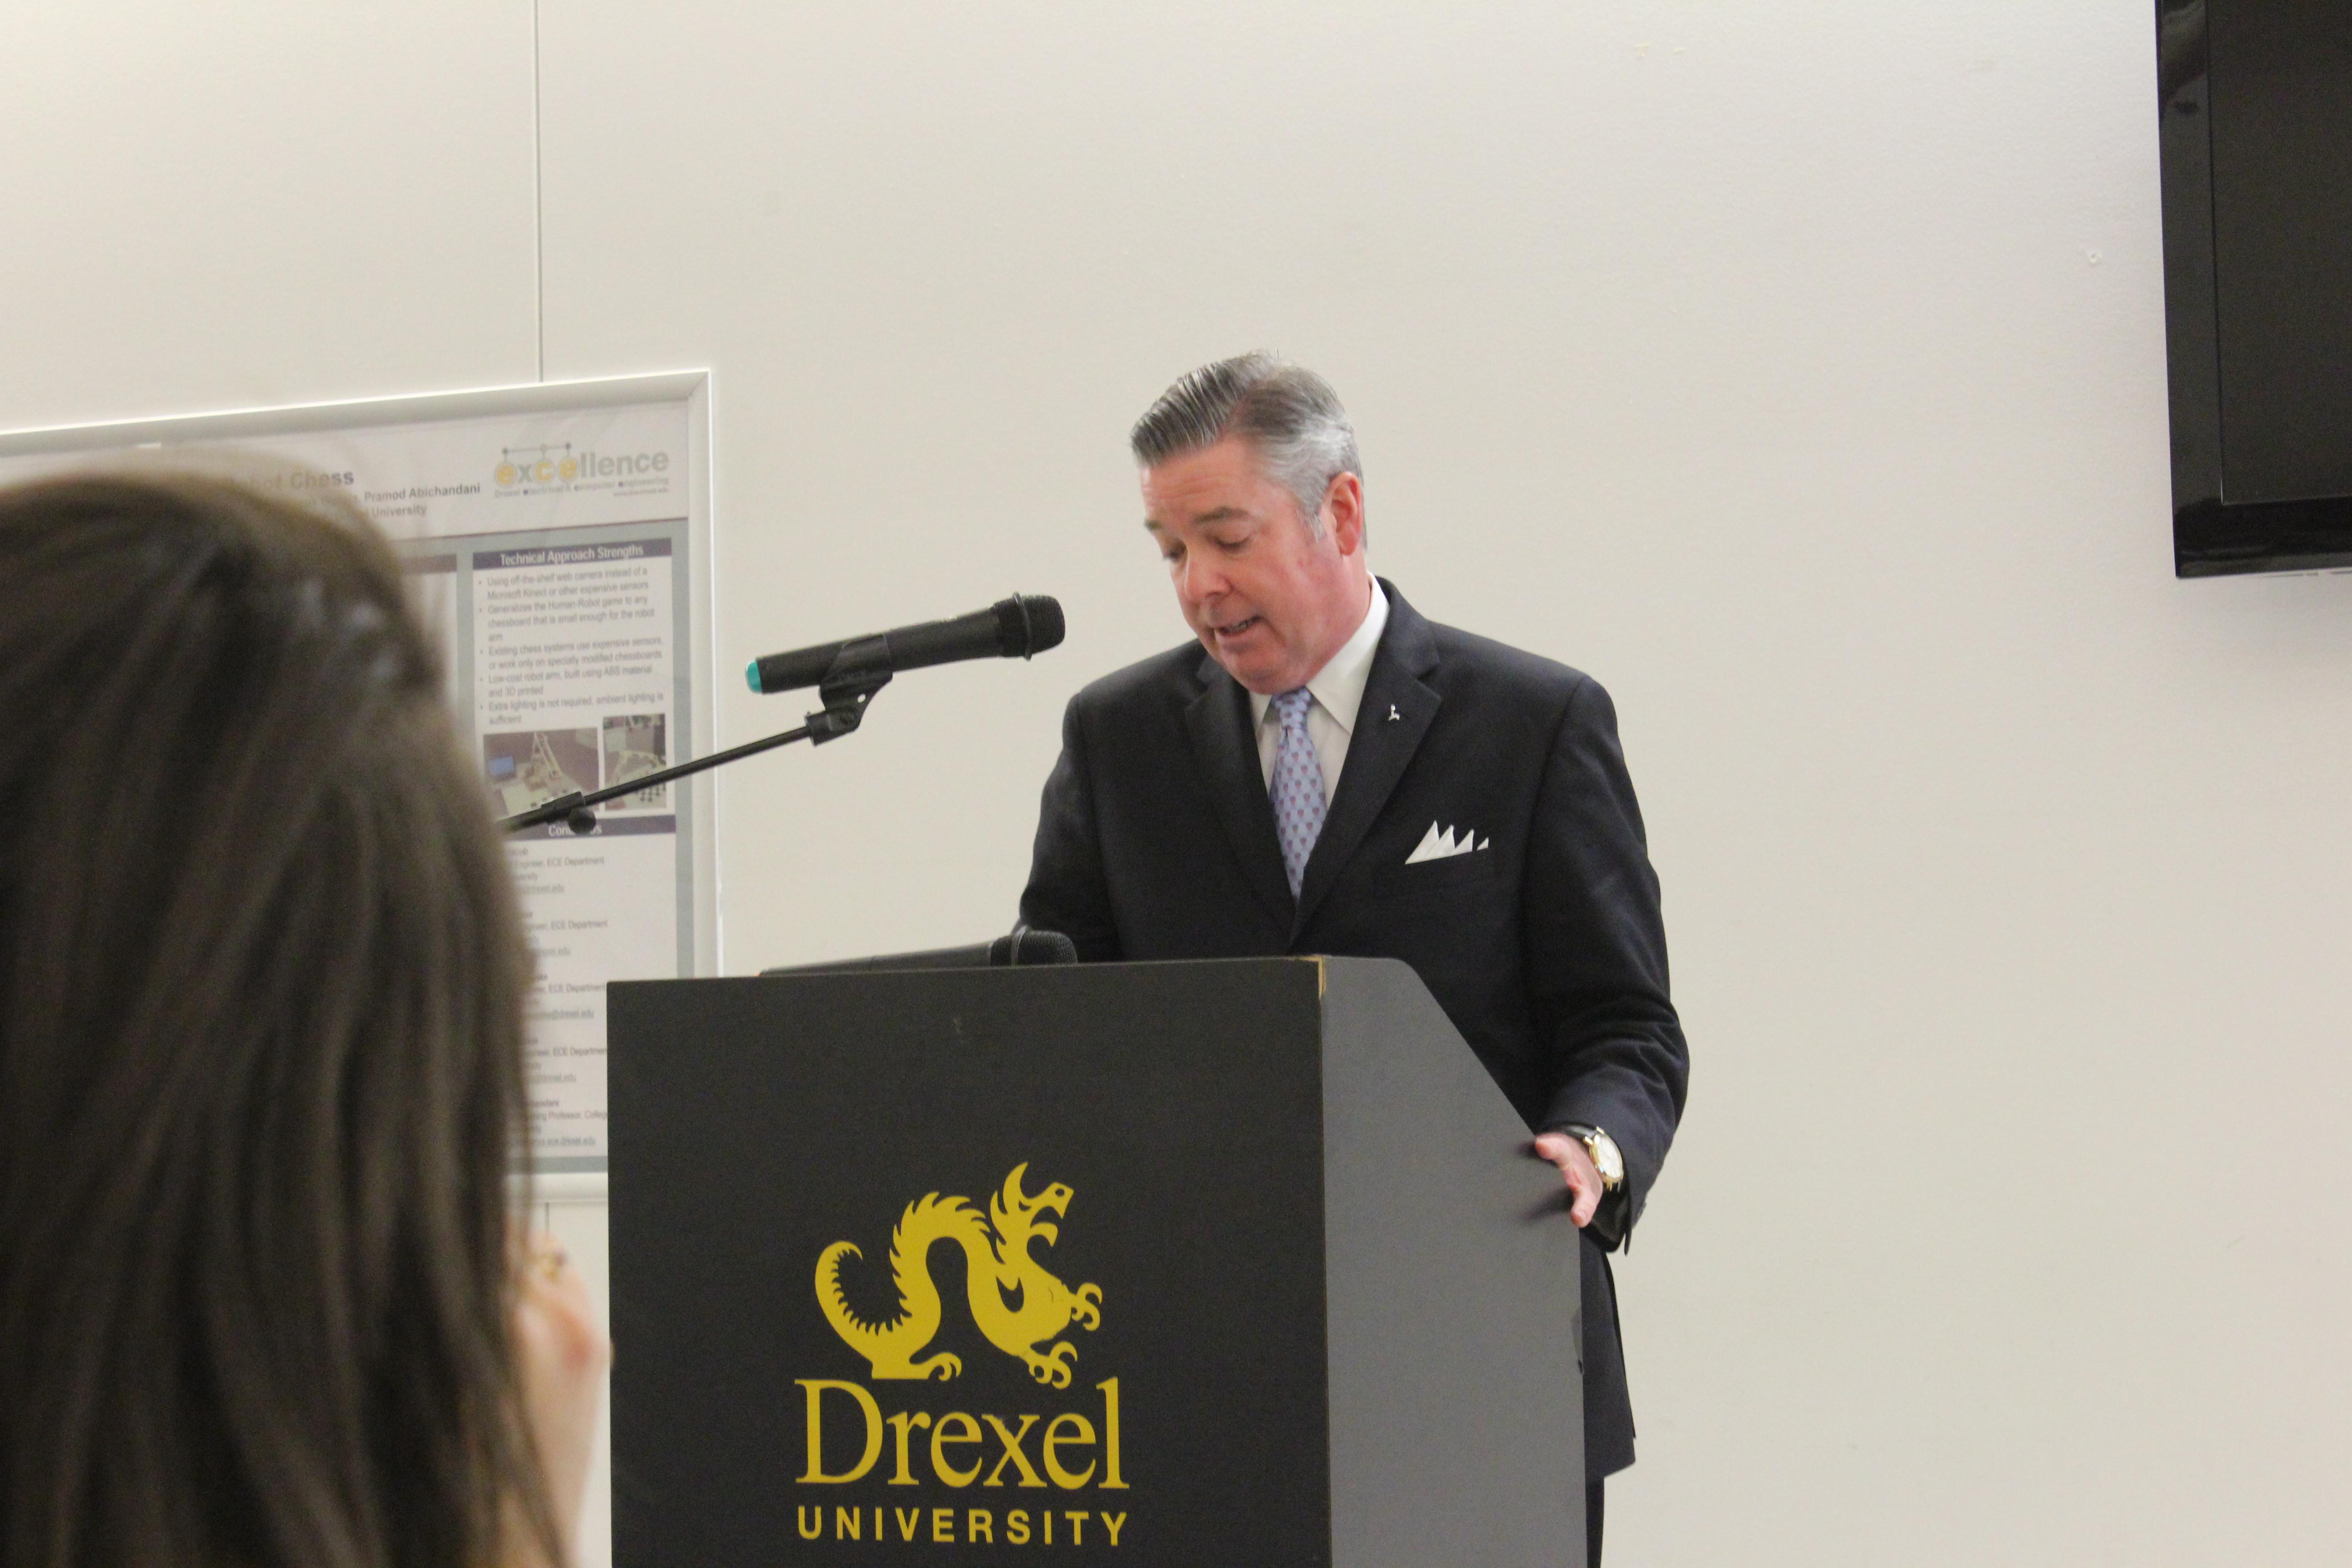 Drexel President, Professors Highlight Partnerships With